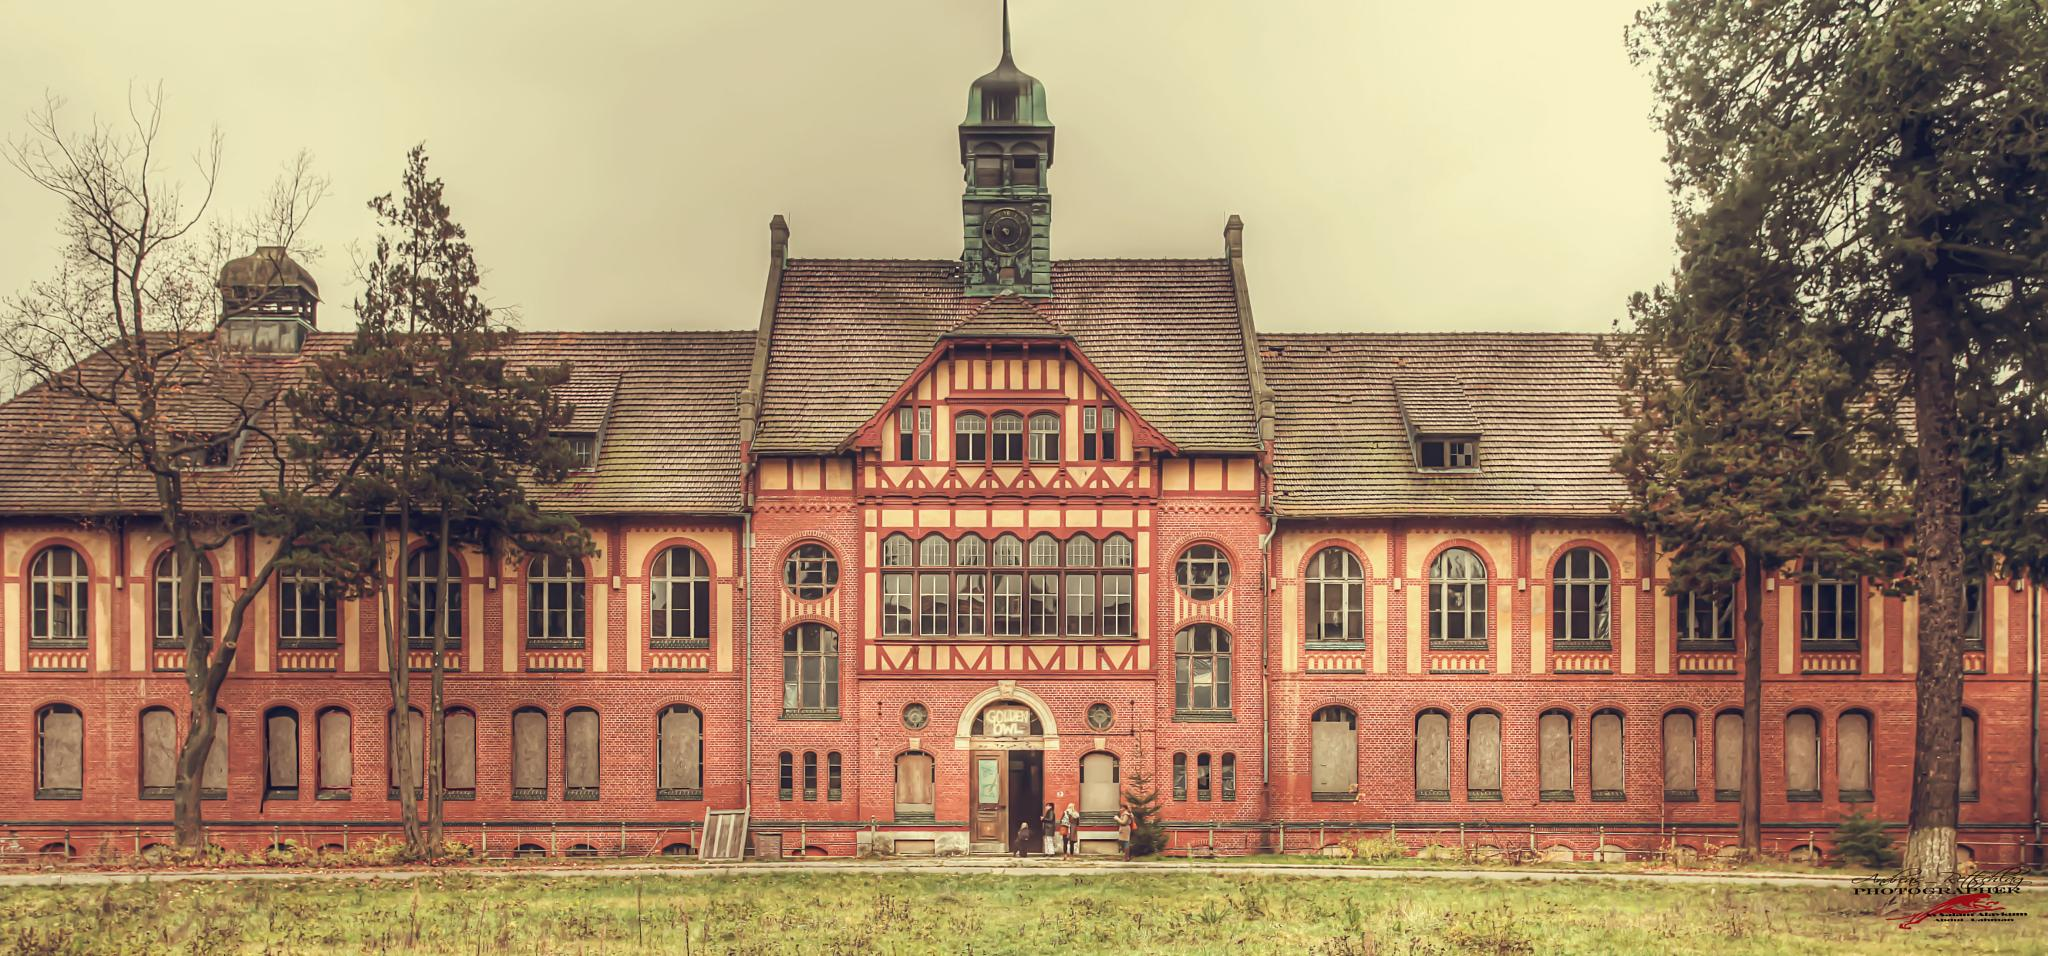 Die Gesiter von Beelitz........ by Andreas Rettschlag